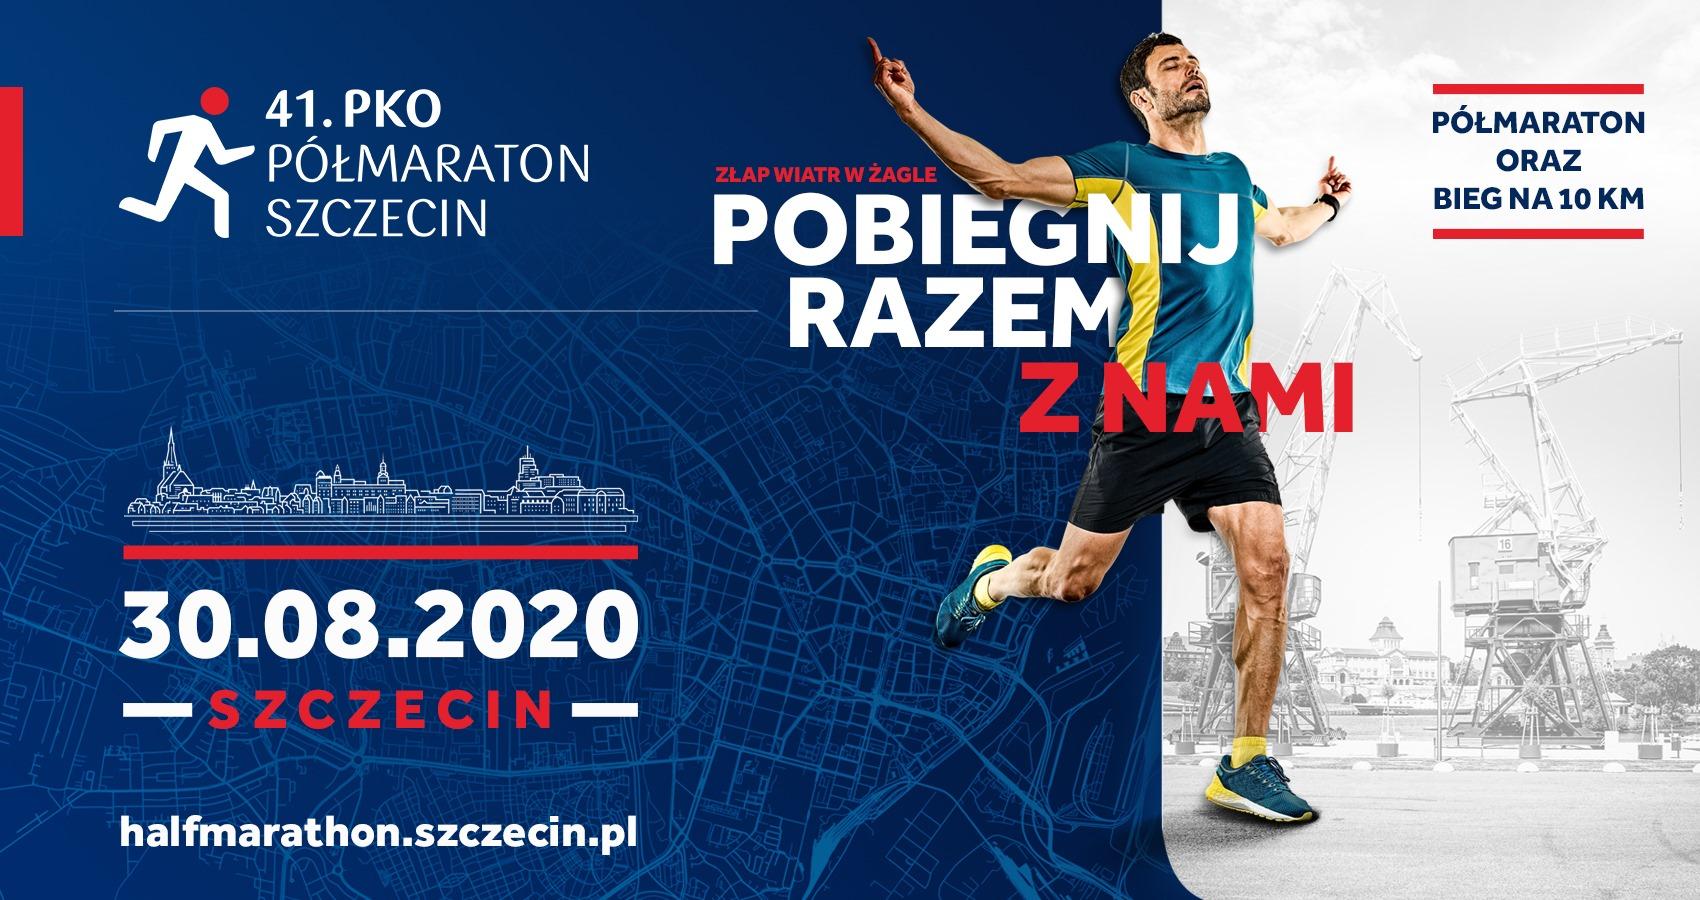 41. PKO Półmaraton Szczecin oraz Bieg na 10 km